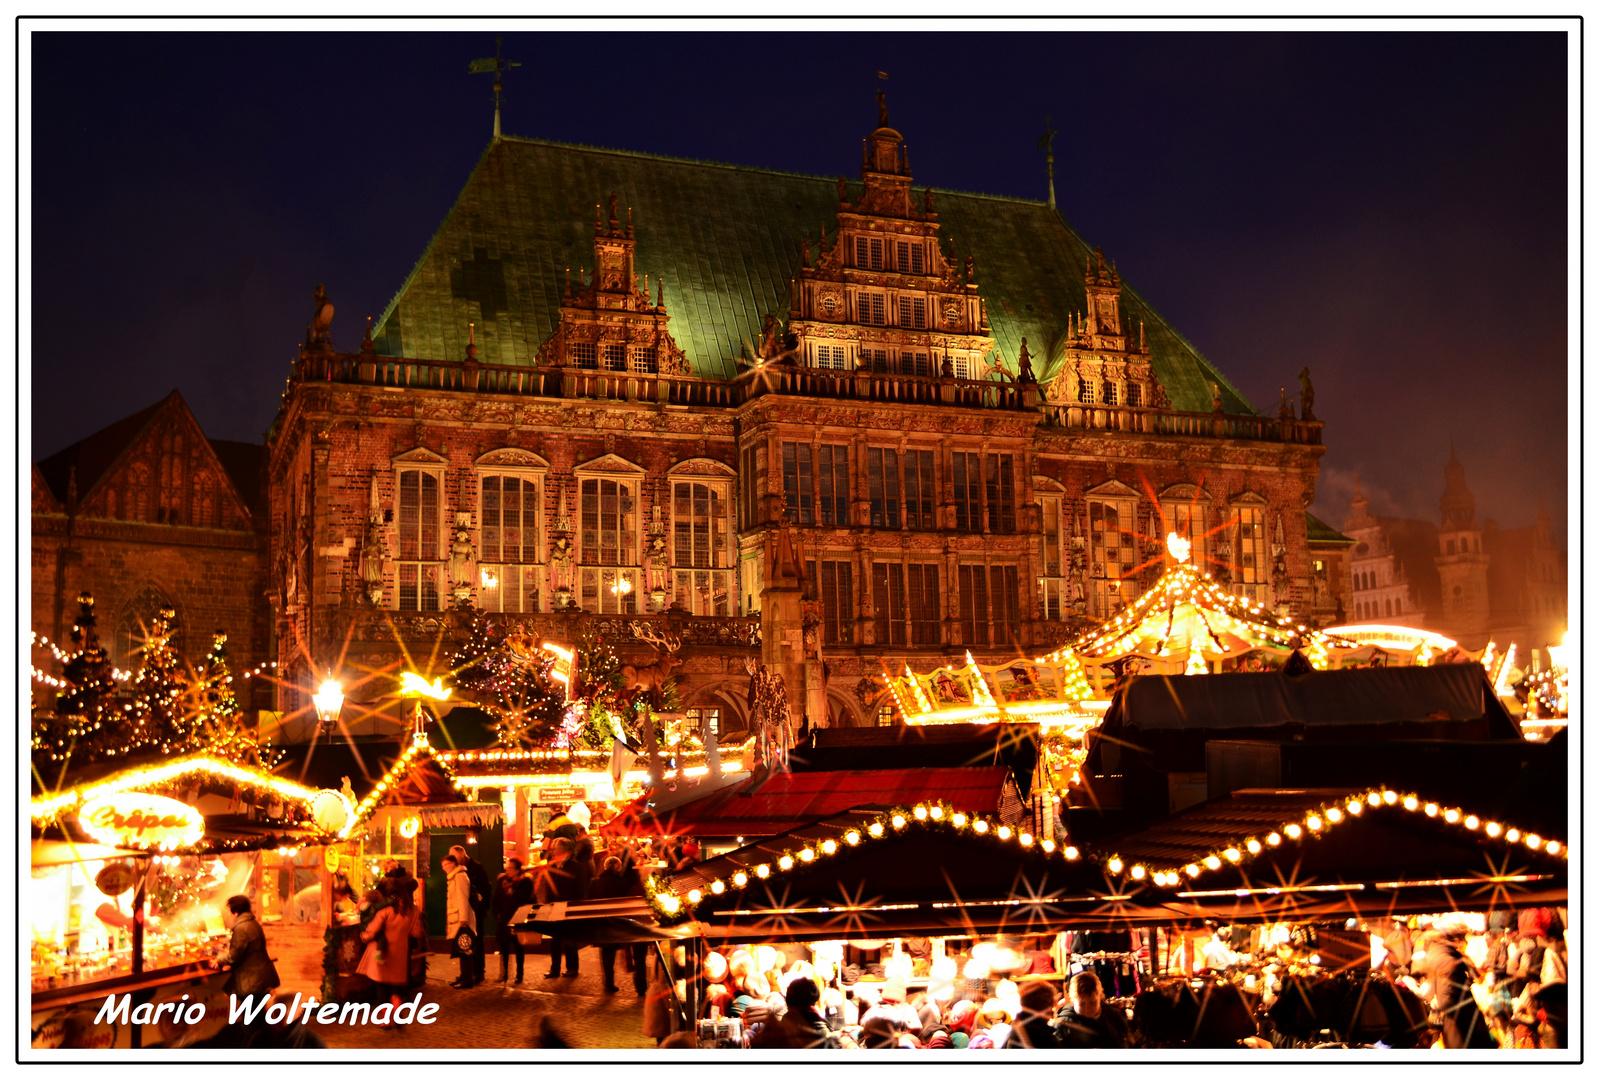 weihnachtsmarkt bremen 2013 iii foto bild deutschland. Black Bedroom Furniture Sets. Home Design Ideas